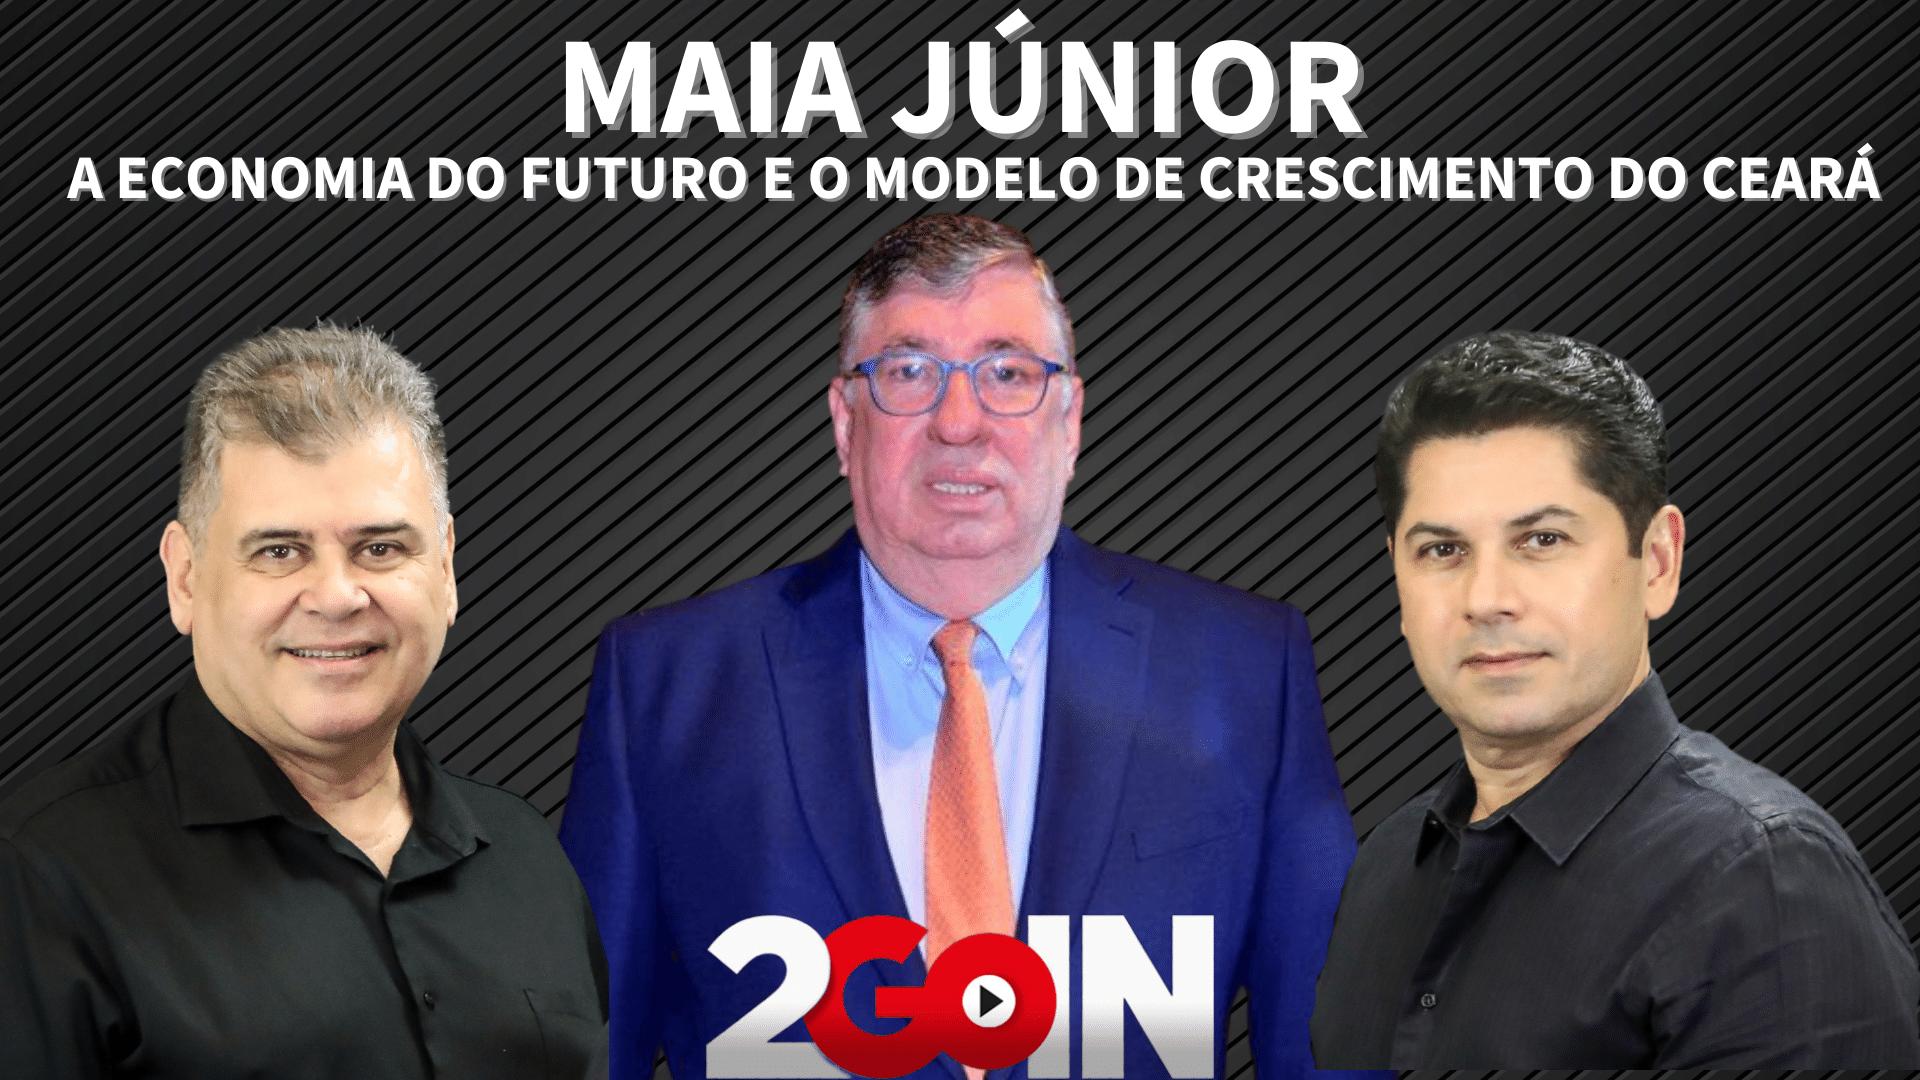 Maia Júnior fala da economia do futuro e do modelo de crescimento do Ceará